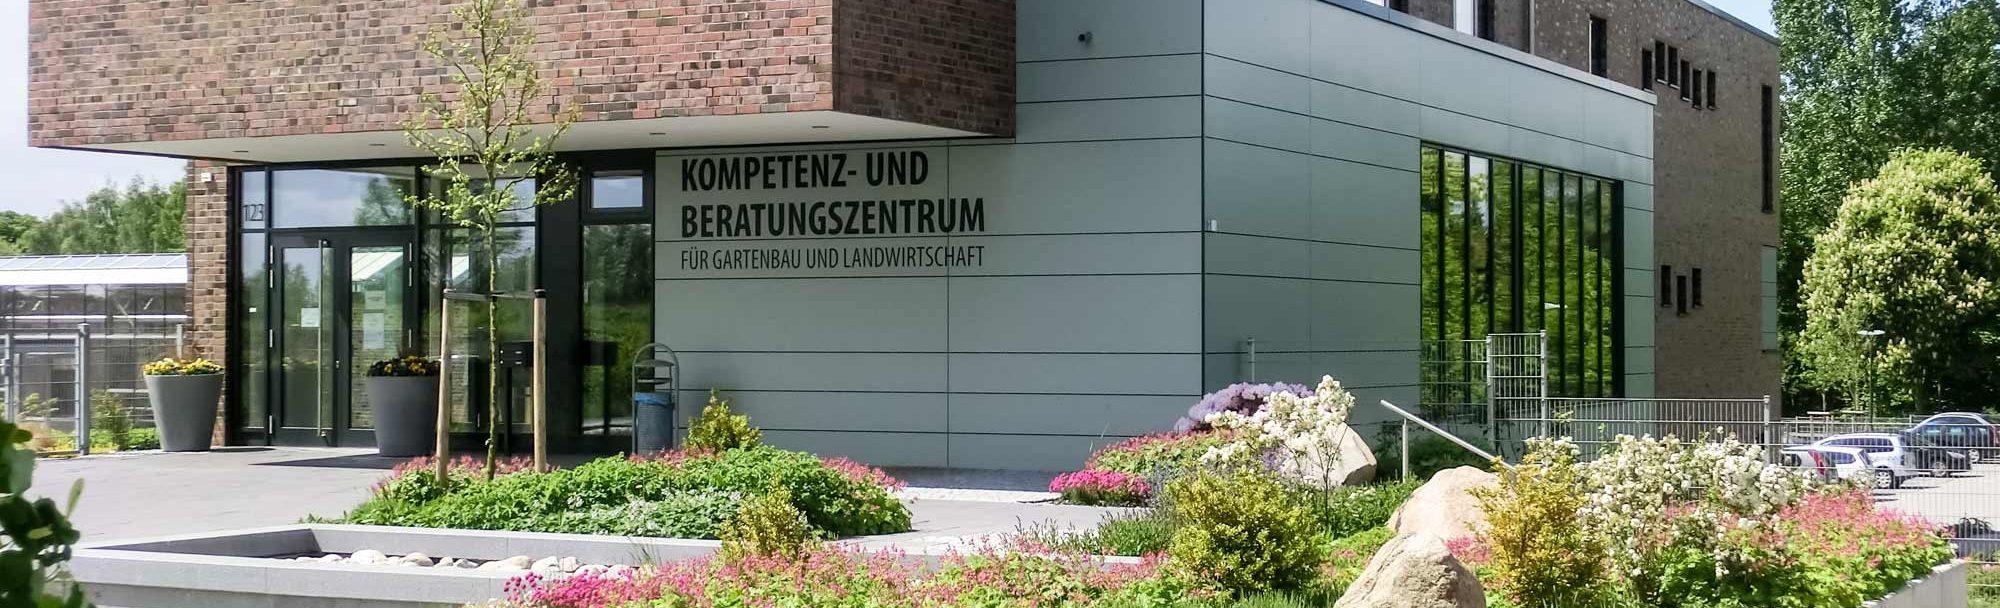 Grünes Kompetenzzentrum Hamburg